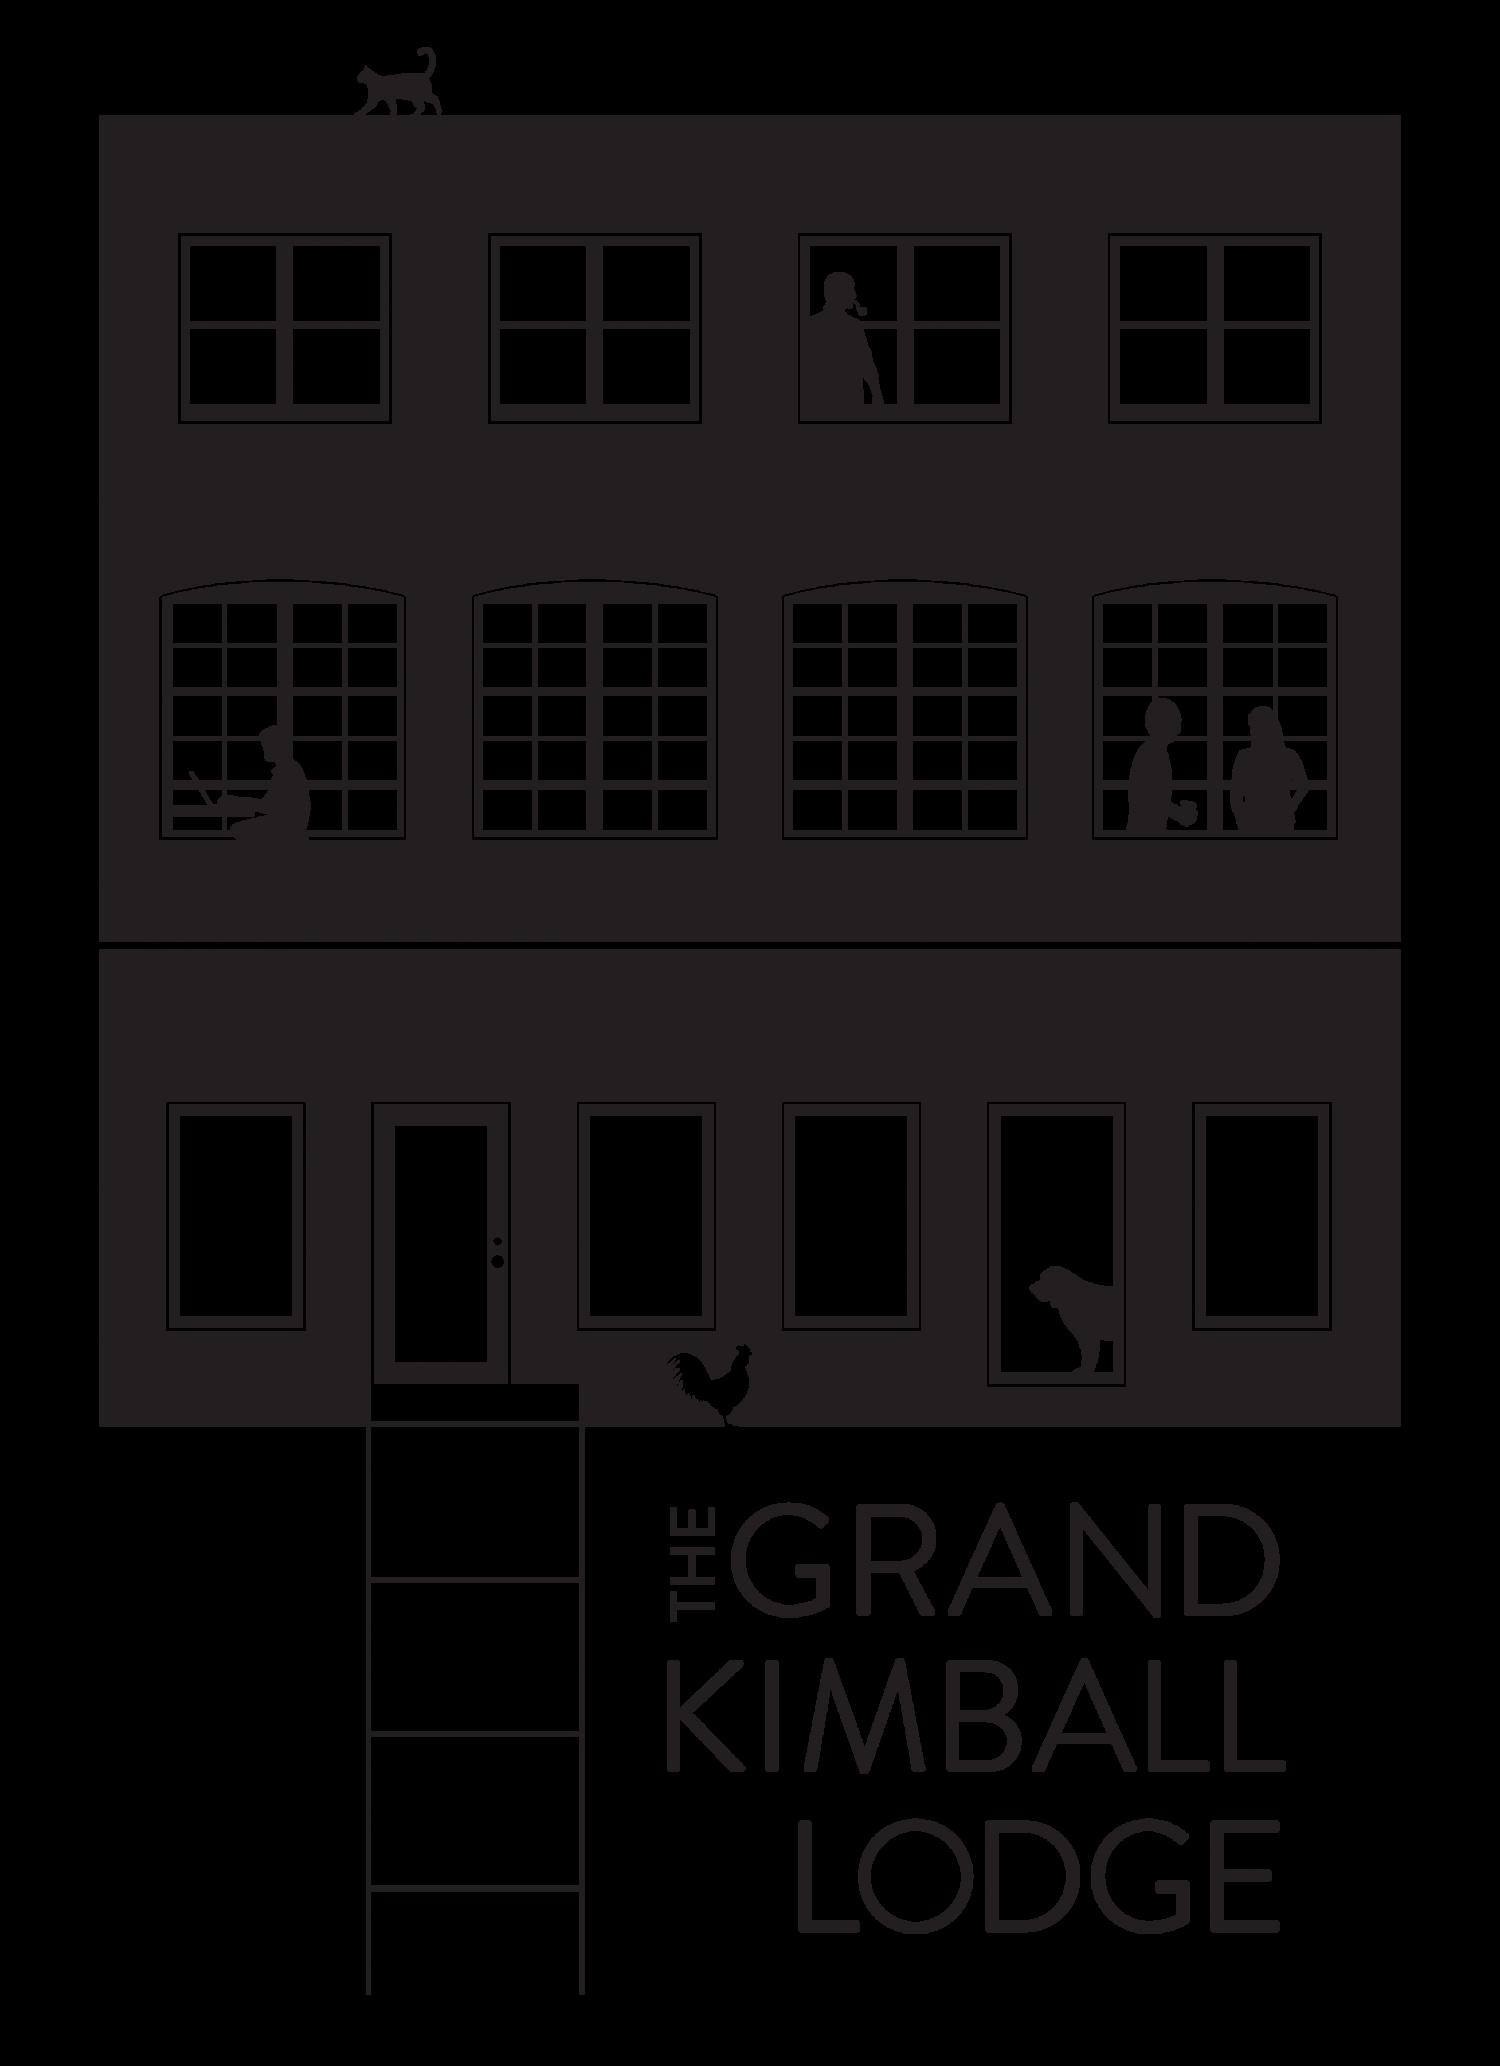 Grand Kimball Lodge Logo